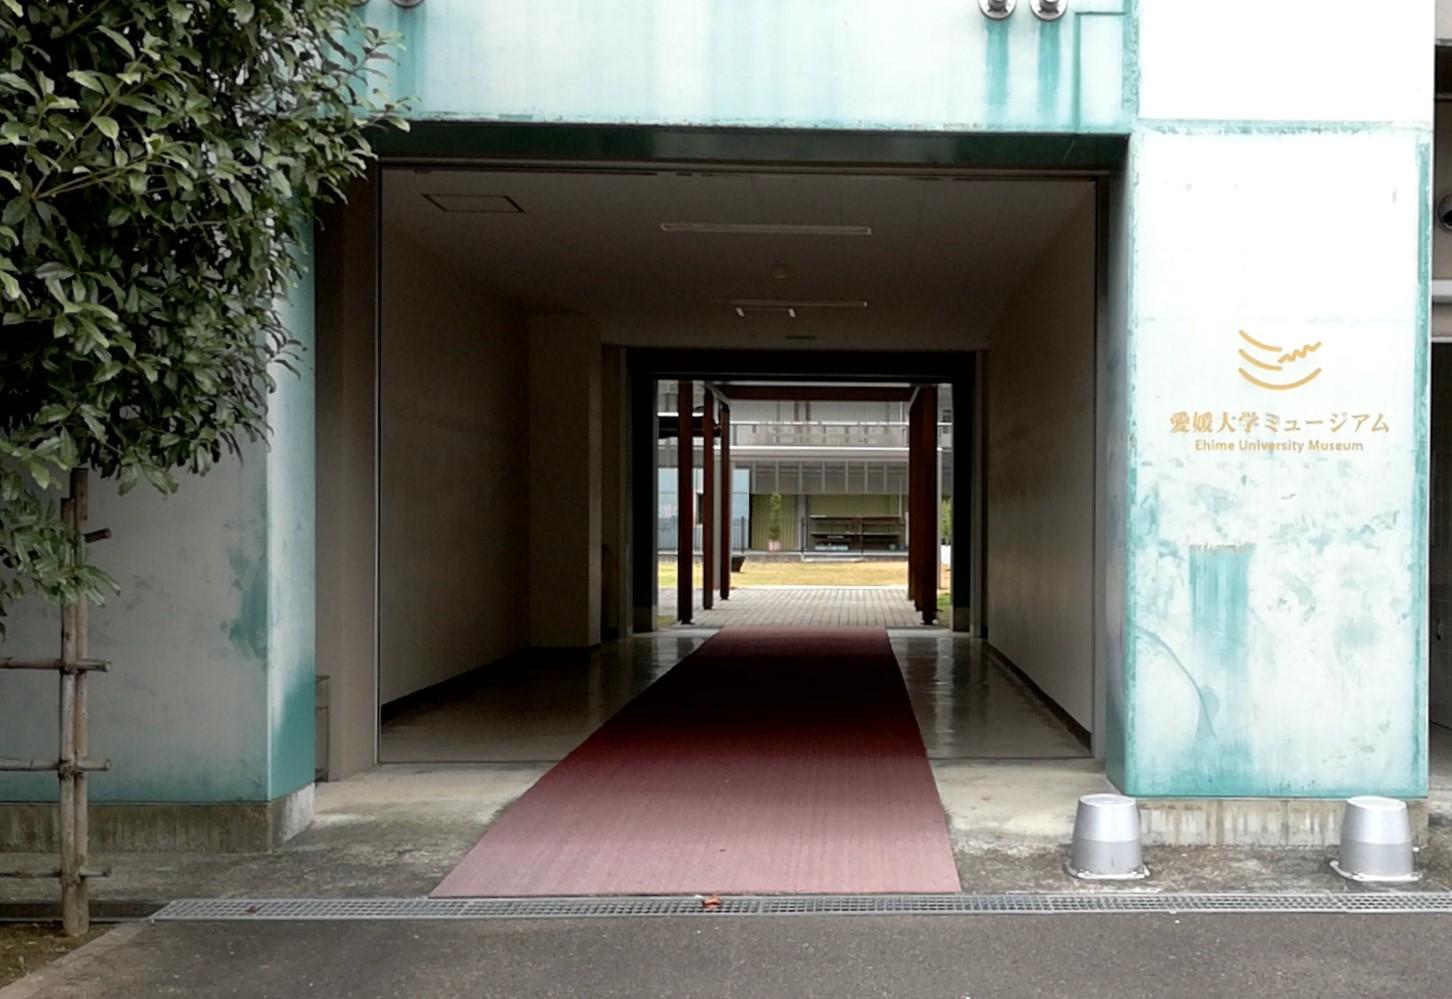 愛媛大学ミュージアムで愛媛の学問の世界を覗く!科学、生物から歴史、文化まで